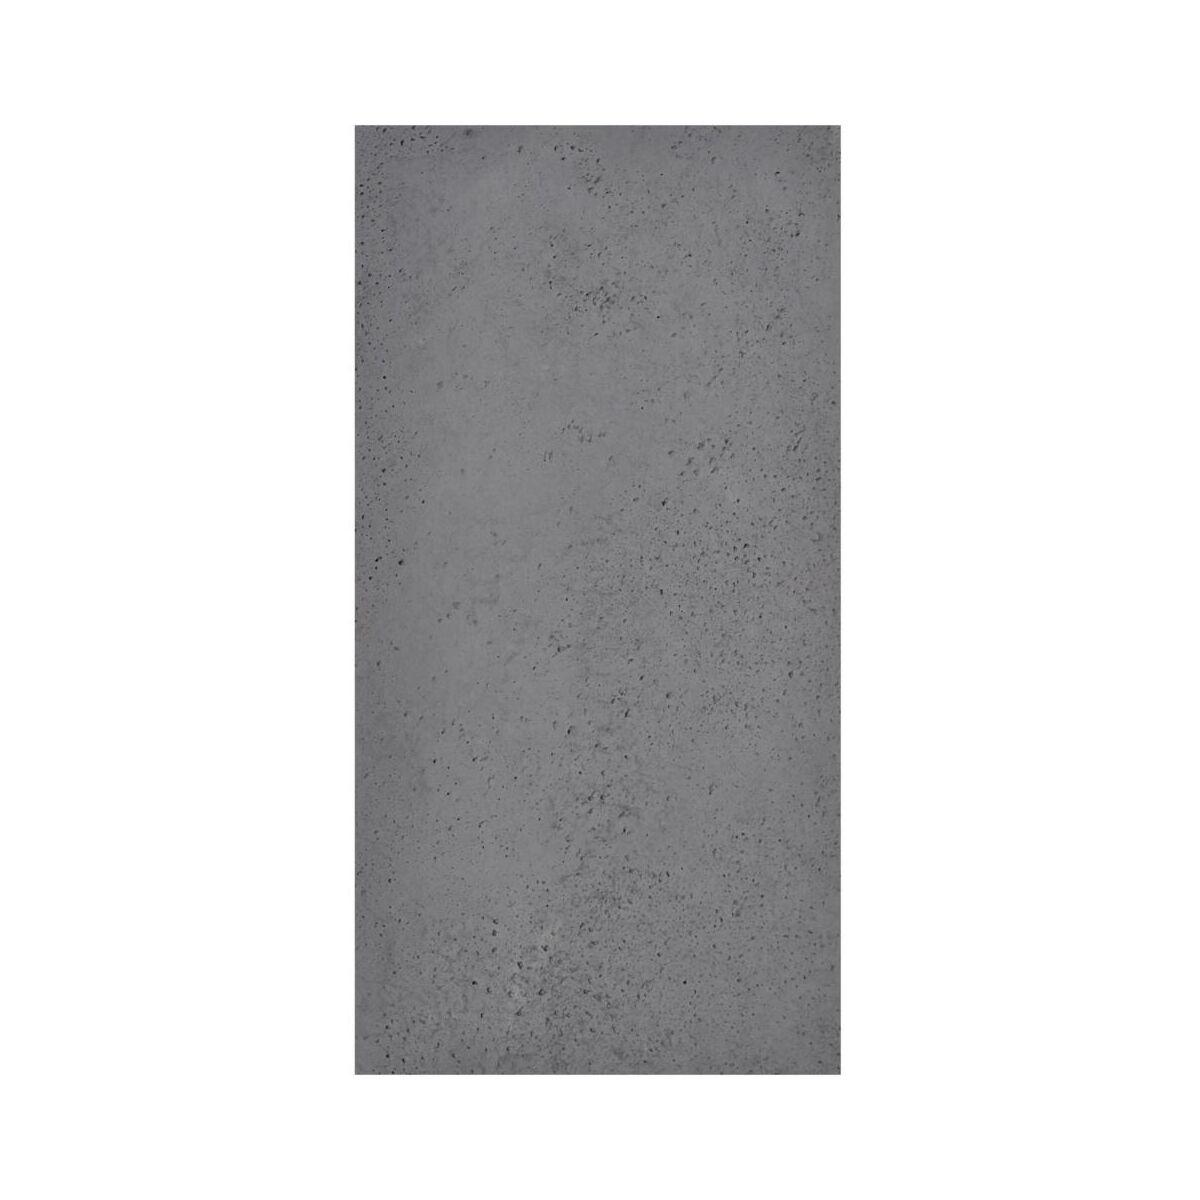 Modne ubrania Beton architektoniczny SZARY STEINBLAU - Kamień elewacyjny i YX06